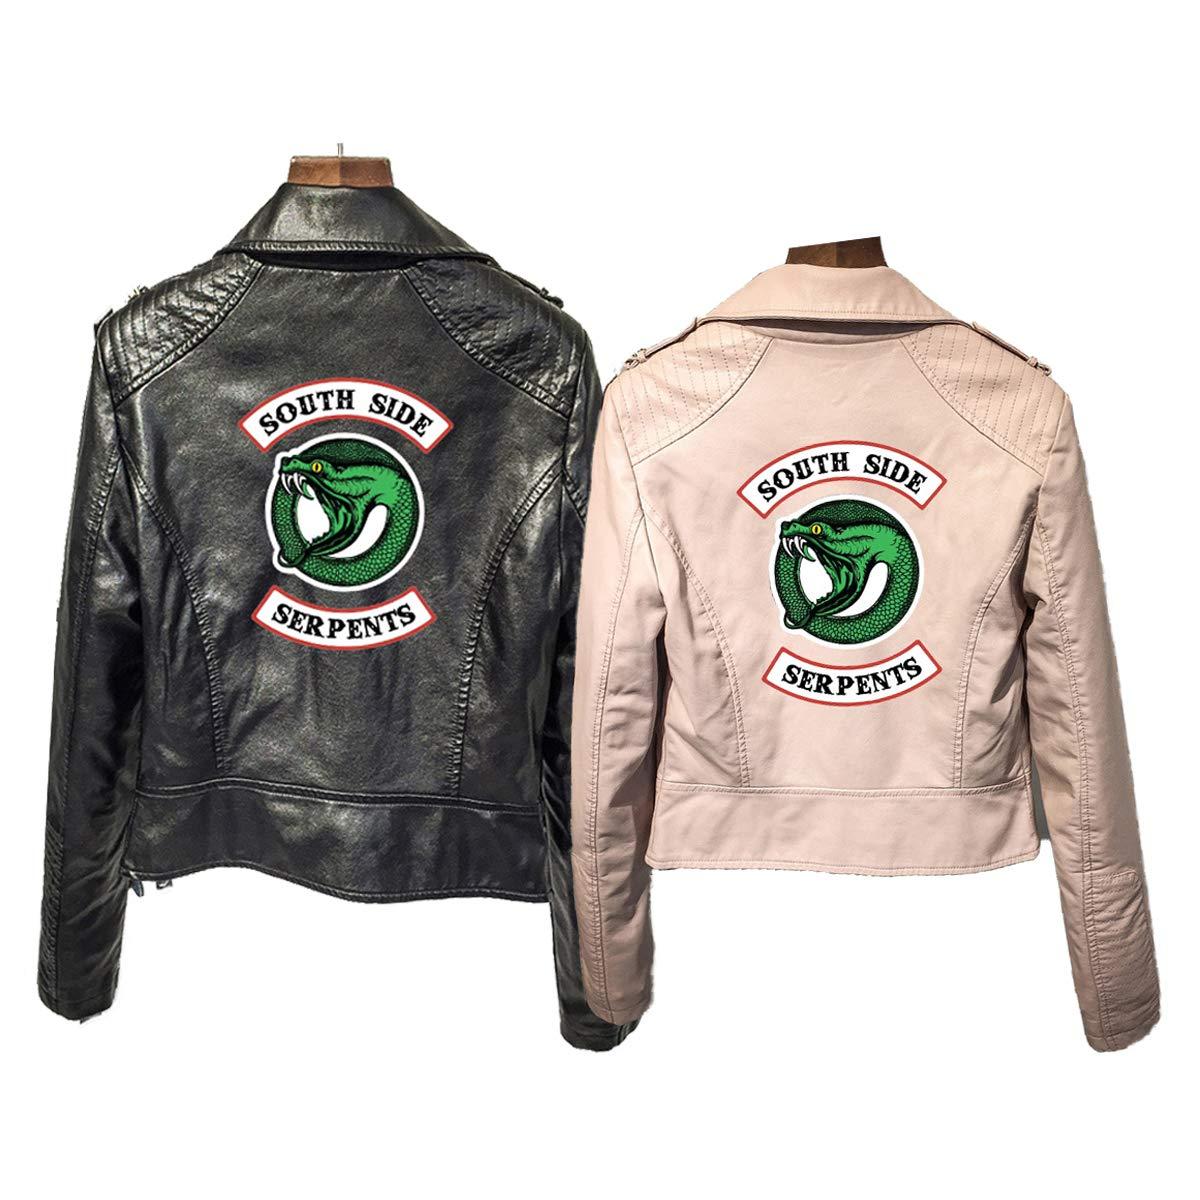 Chaqueta de Cuero Negra para Las ni/ñas-1 de Riverdale Southside Serpents Biker Gang para ni/ñas-1